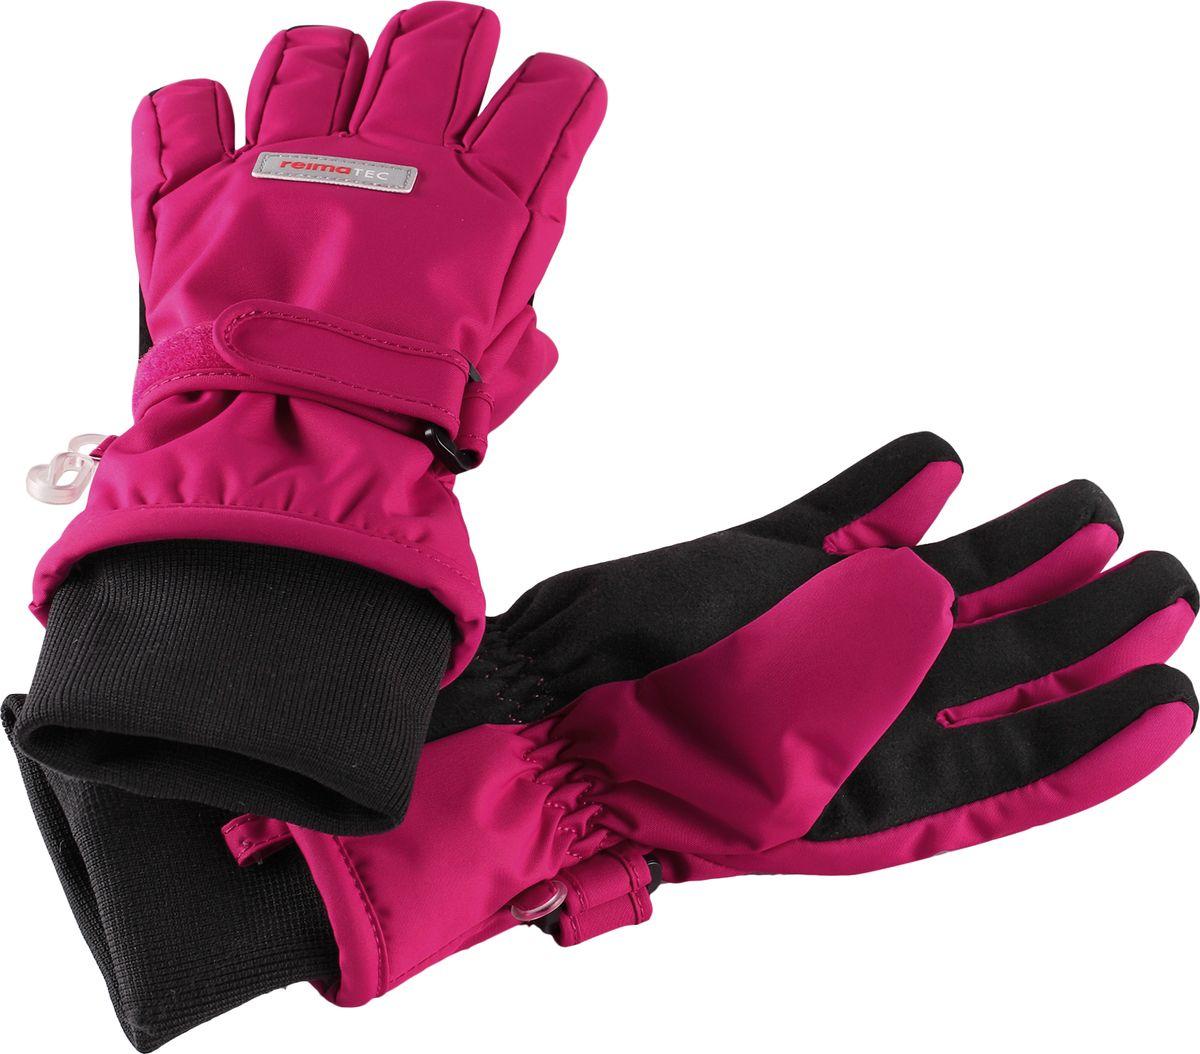 Перчатки детские Reima Reimatec Tartu, цвет: розовый. 5272893600. Размер 6